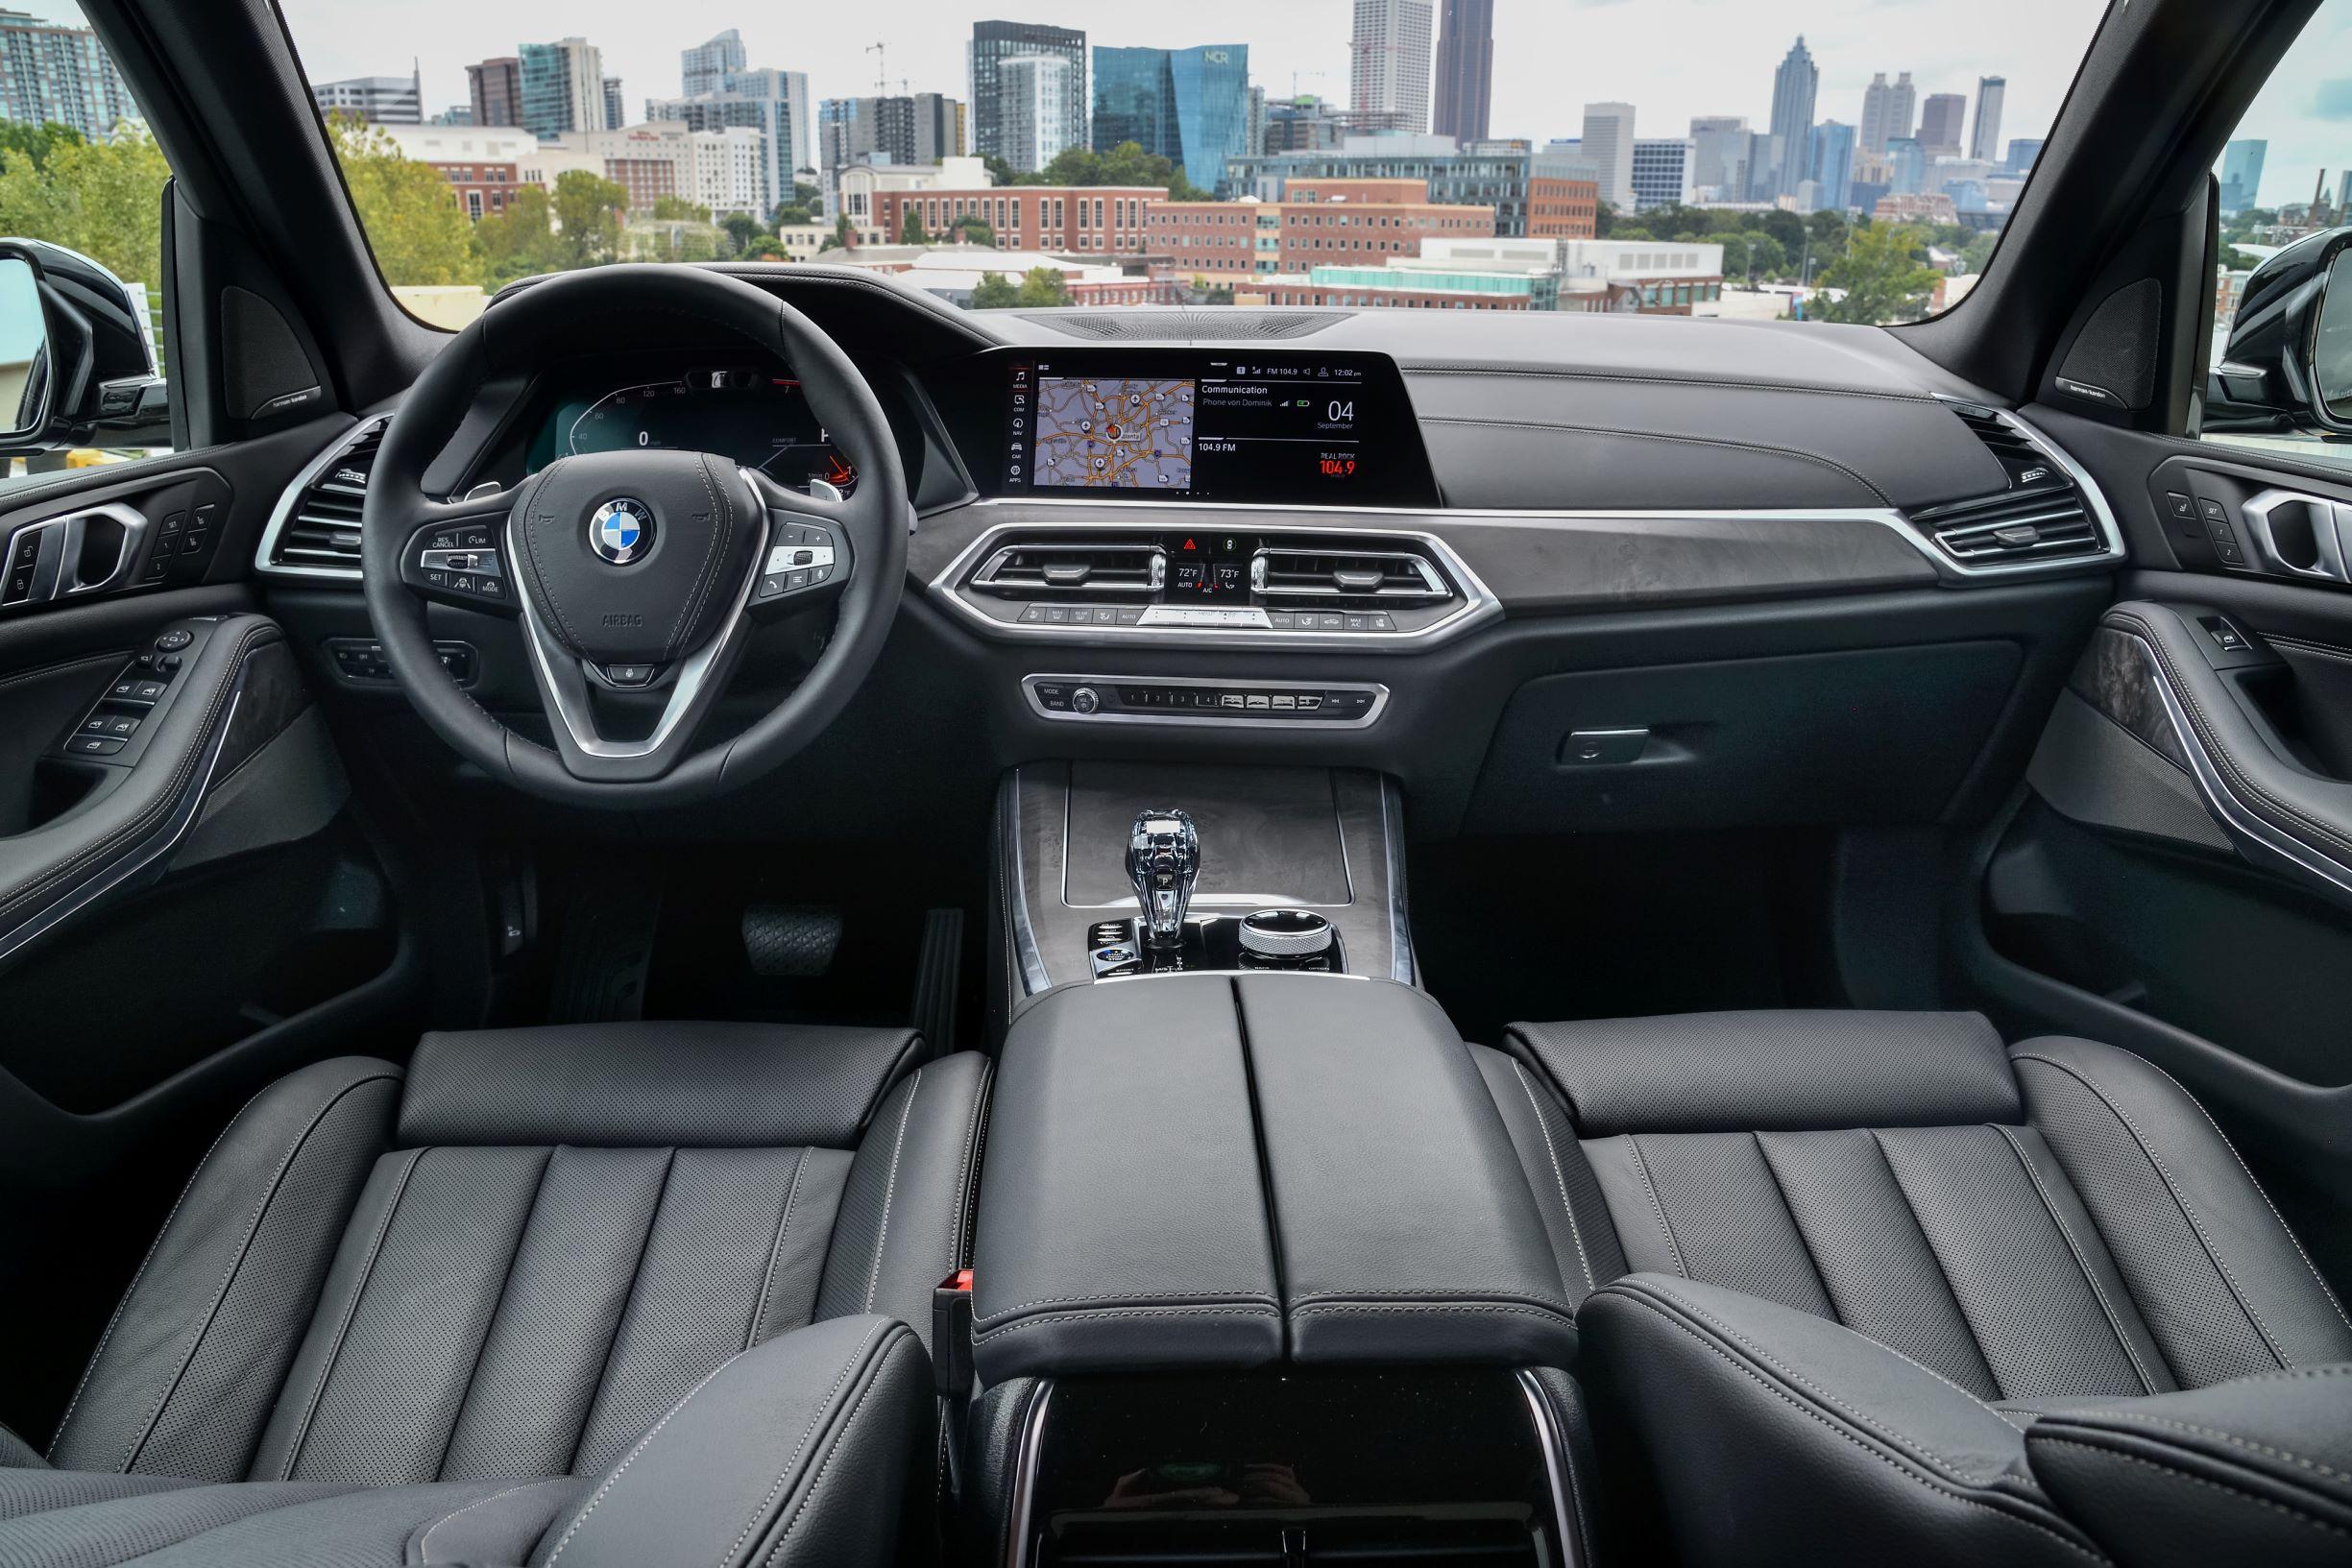 04.全新BMW X5驾驶座舱.jpg